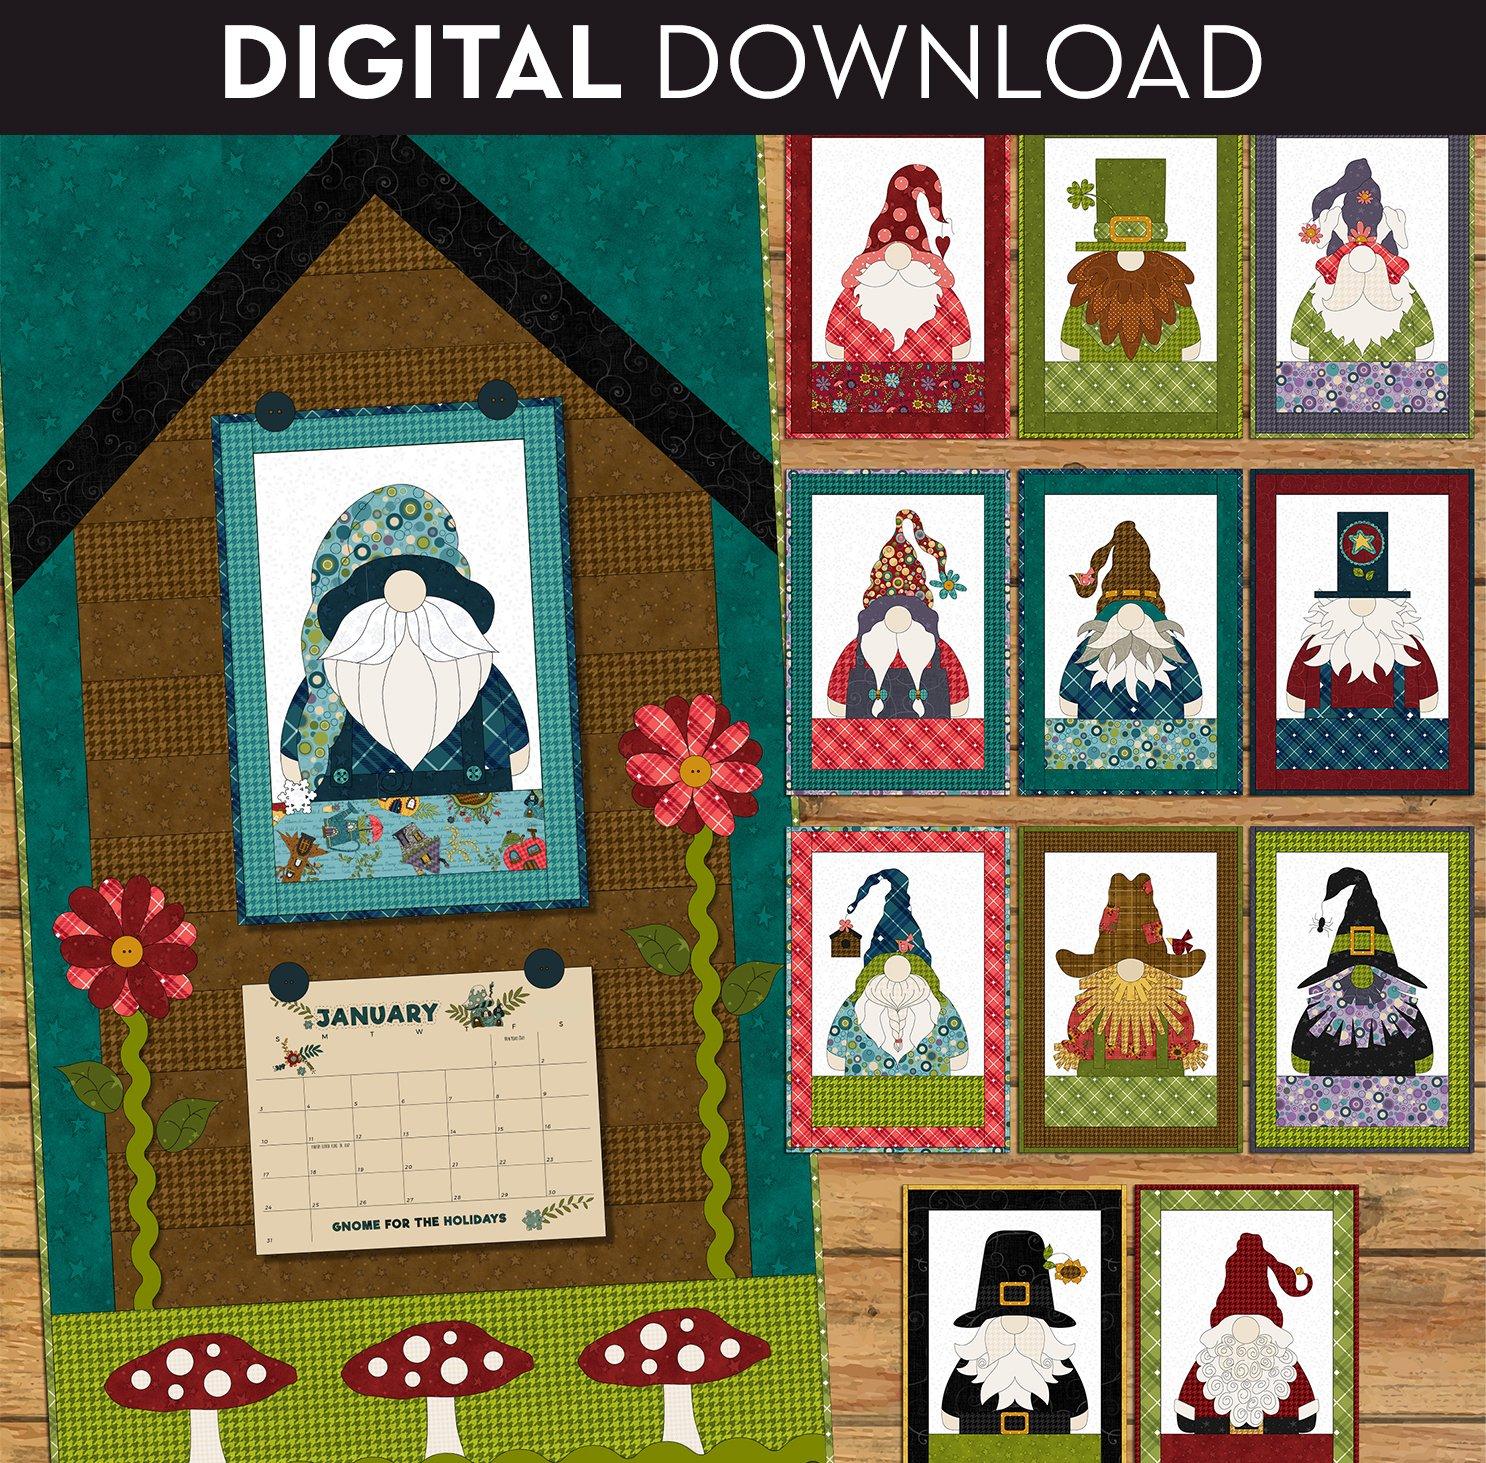 Gnome for the Holidays Calendar Applique Quilt - Download